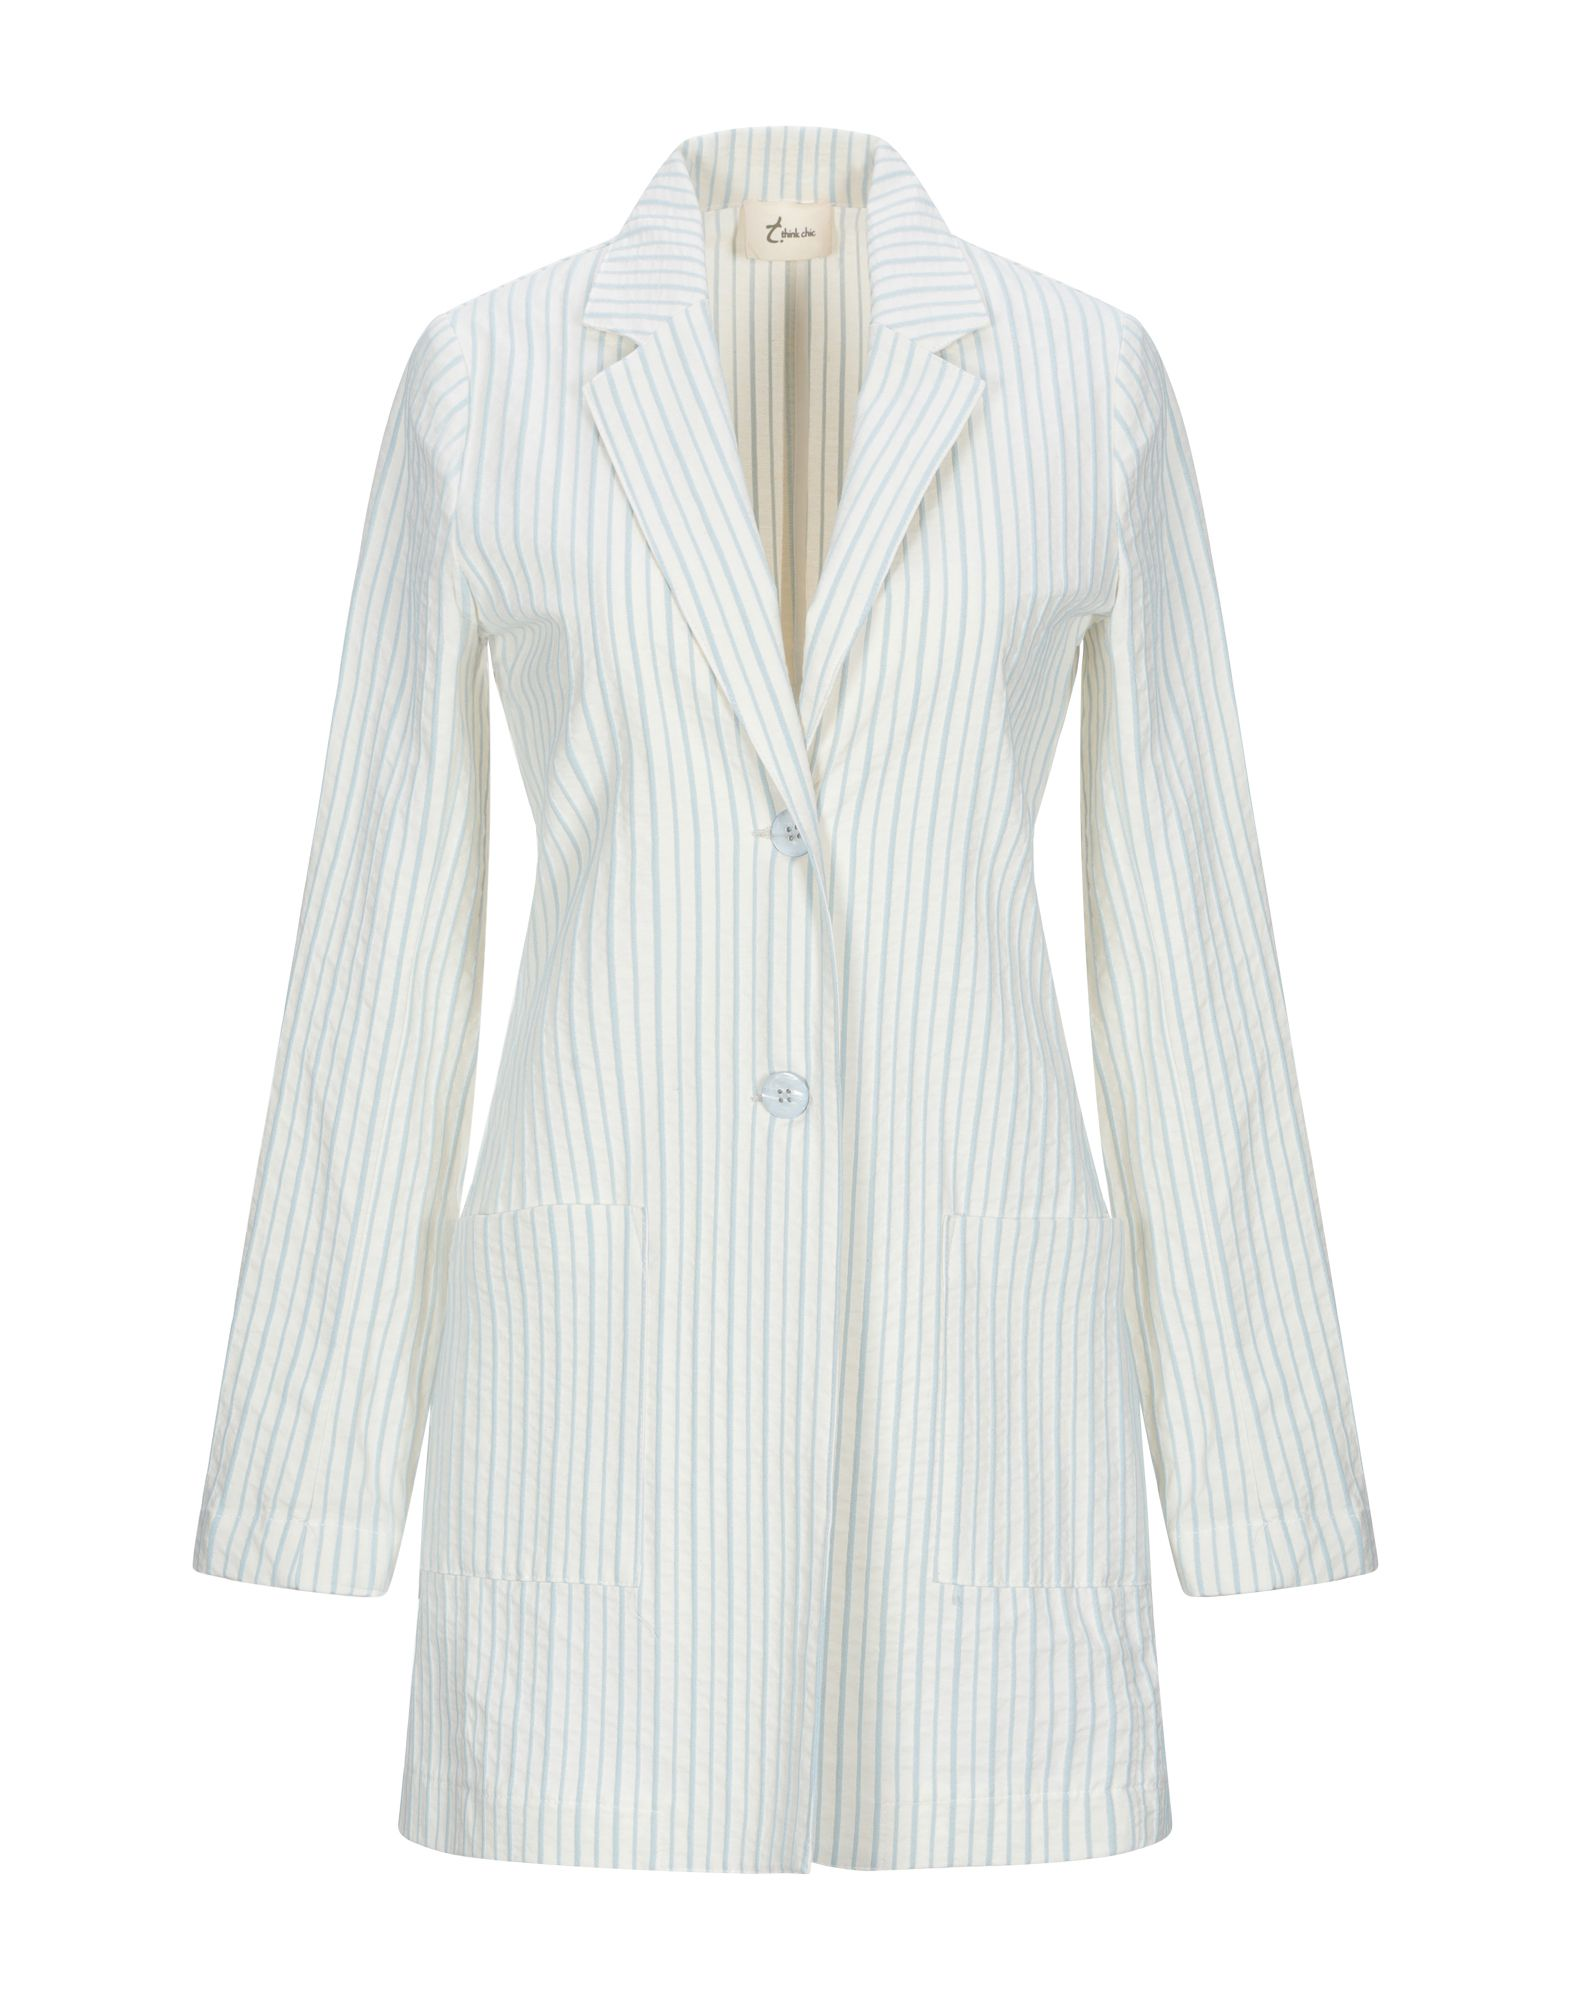 T.THINK CHIC Пиджак lady chic® collection пиджак